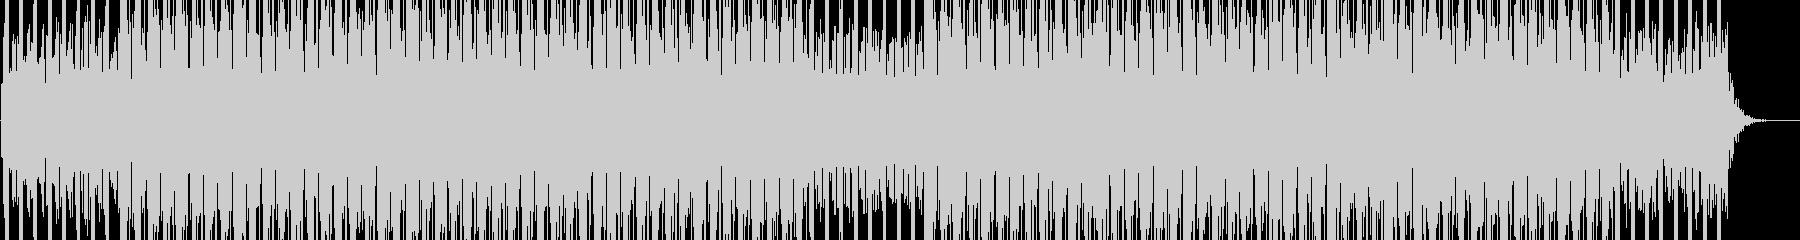 CG・サイエンス系BGM(WAV版)の未再生の波形